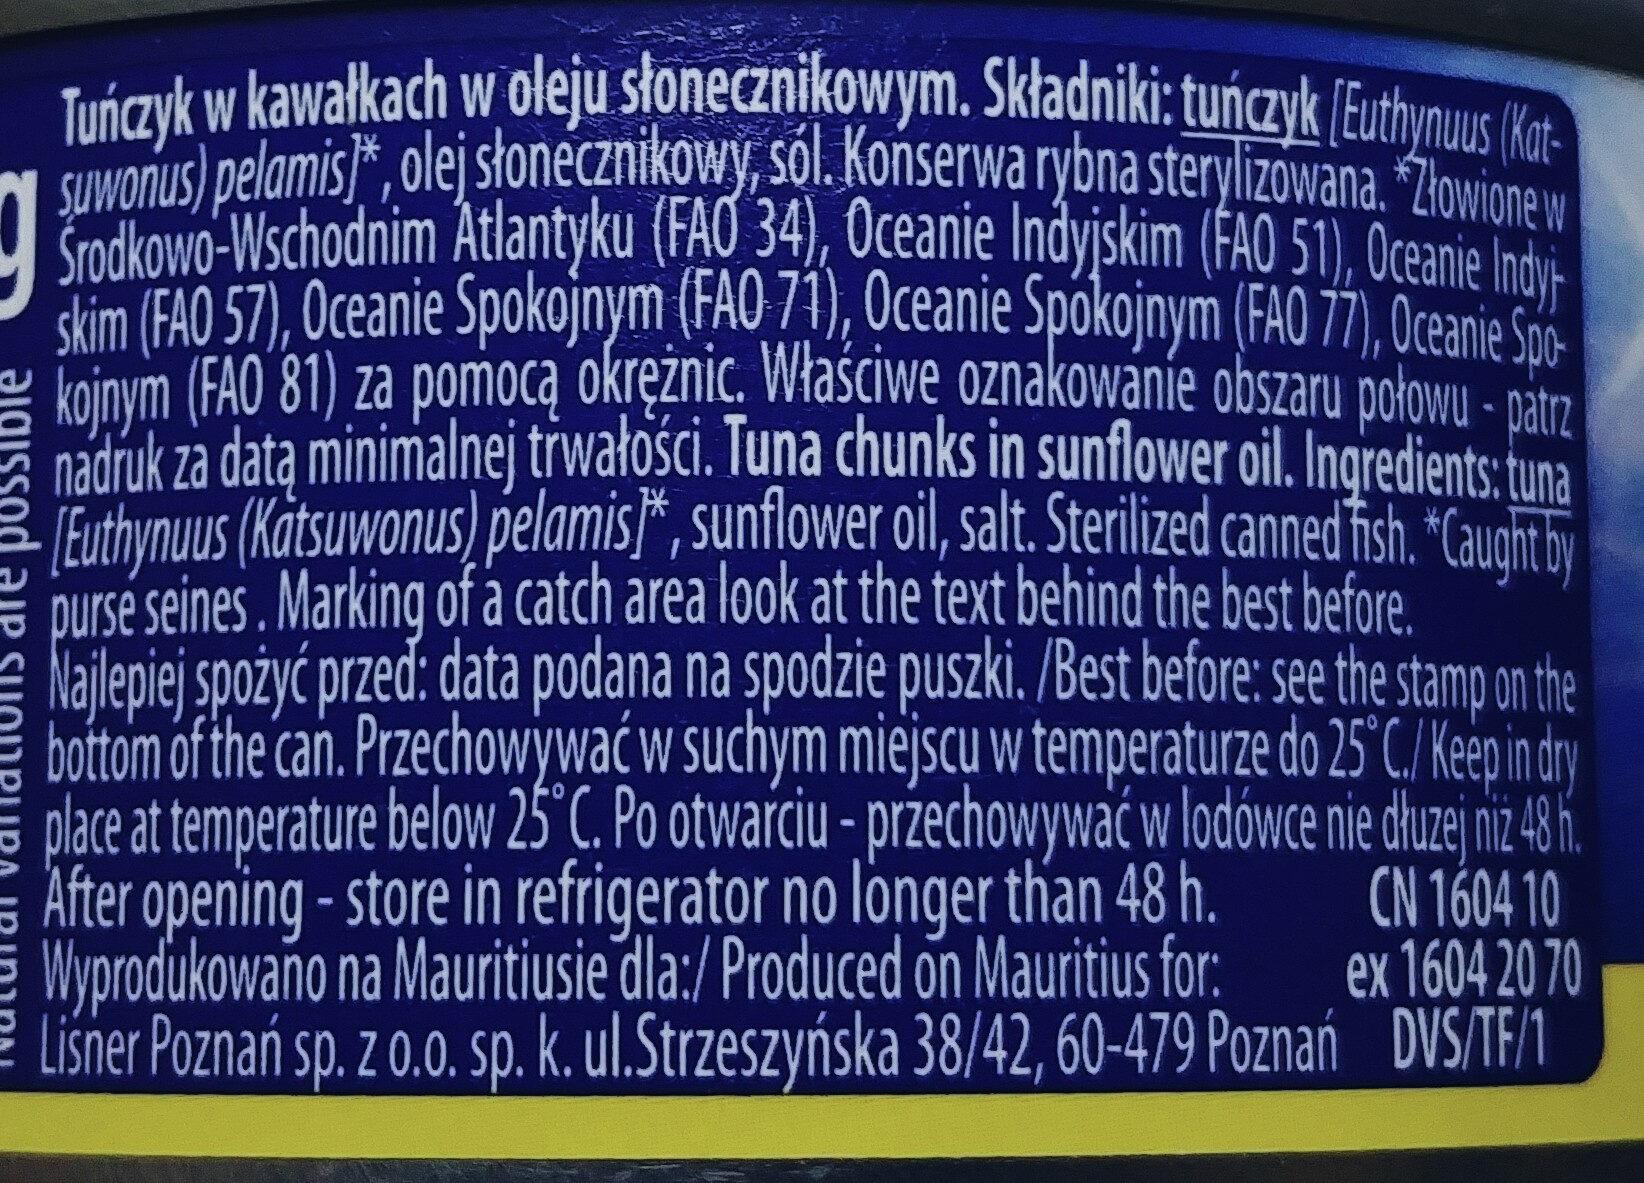 Tuńczyk kawałki w oleju roślinnym - Ingrédients - pl